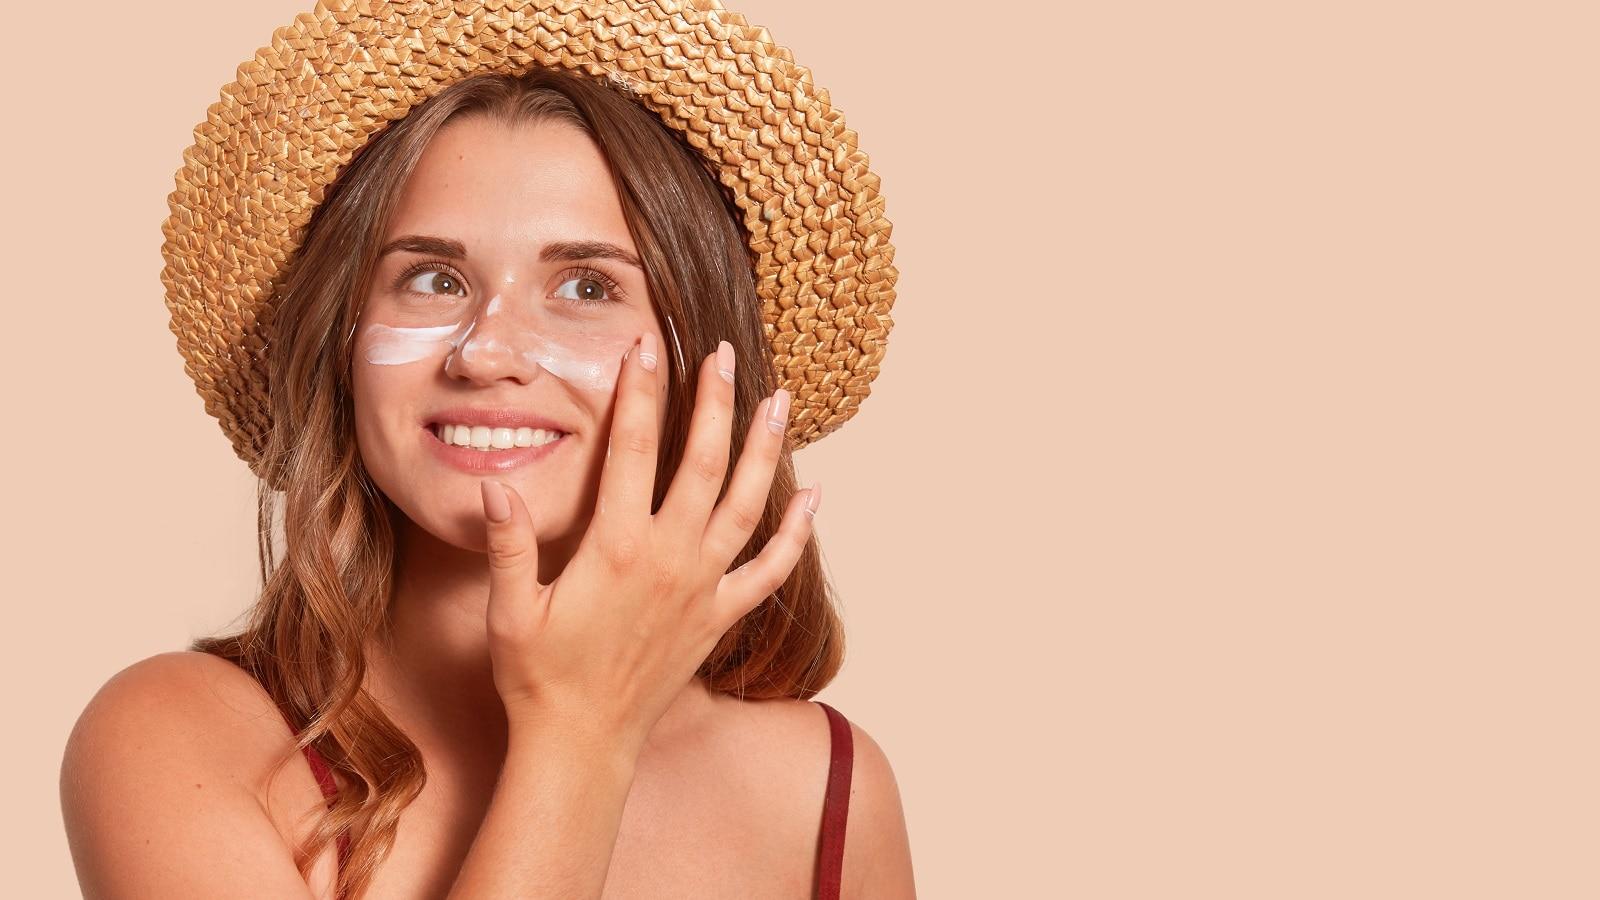 आपके लिए जोखिम भरा हो सकता है सनस्क्रीन को नज़रंदाज़ करना! यहां हैं इसके 3 कारण